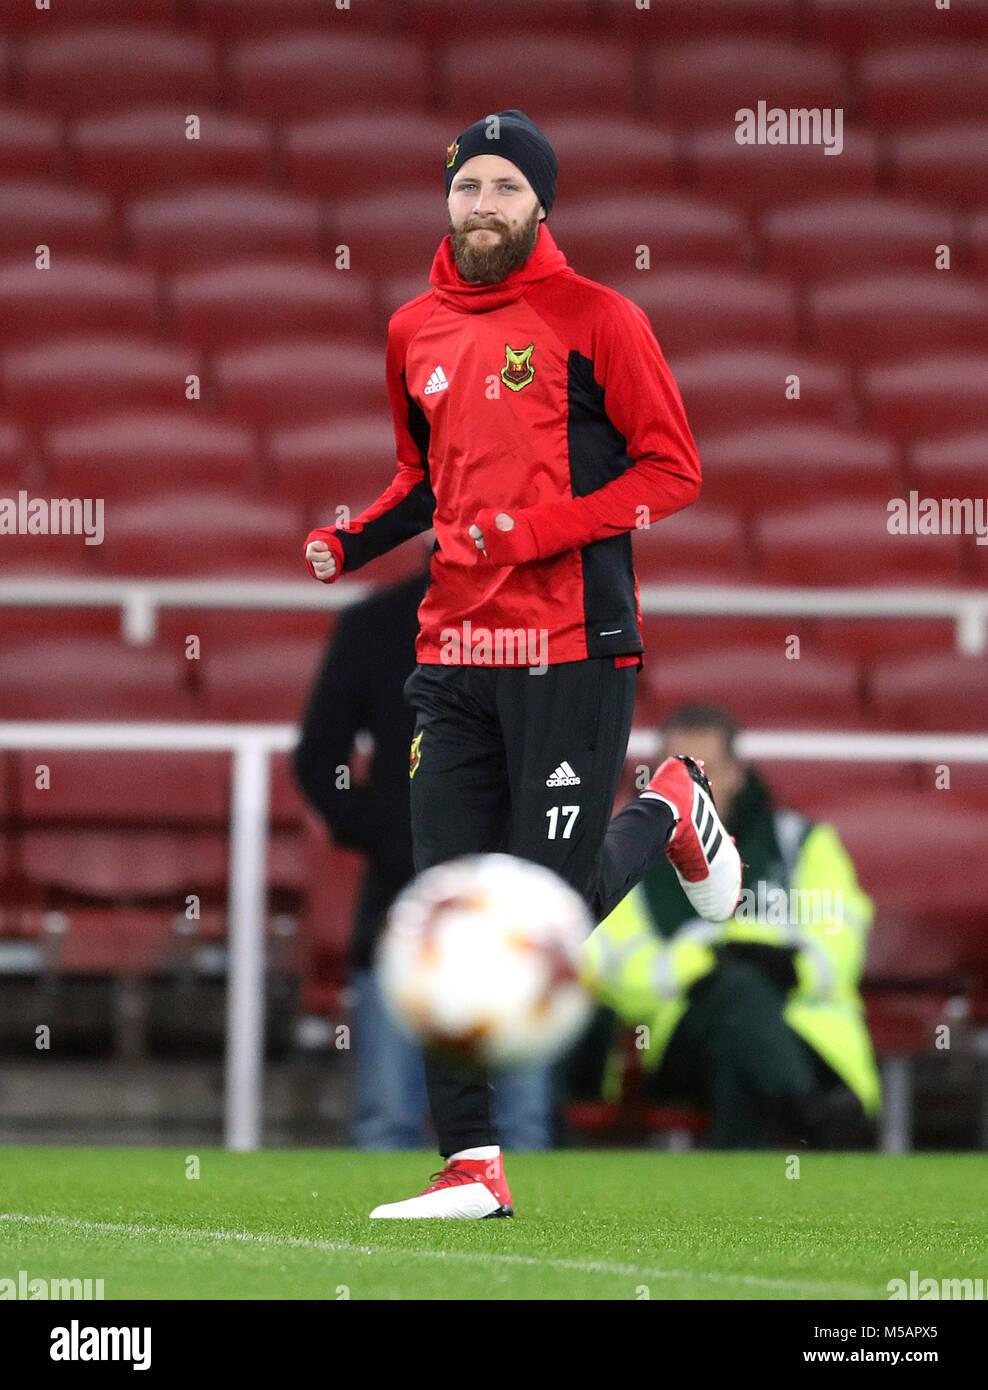 Ostersunds FK's Curtis Edwards durante la sesión de formación en el Emirates Stadium de Londres. Foto de stock